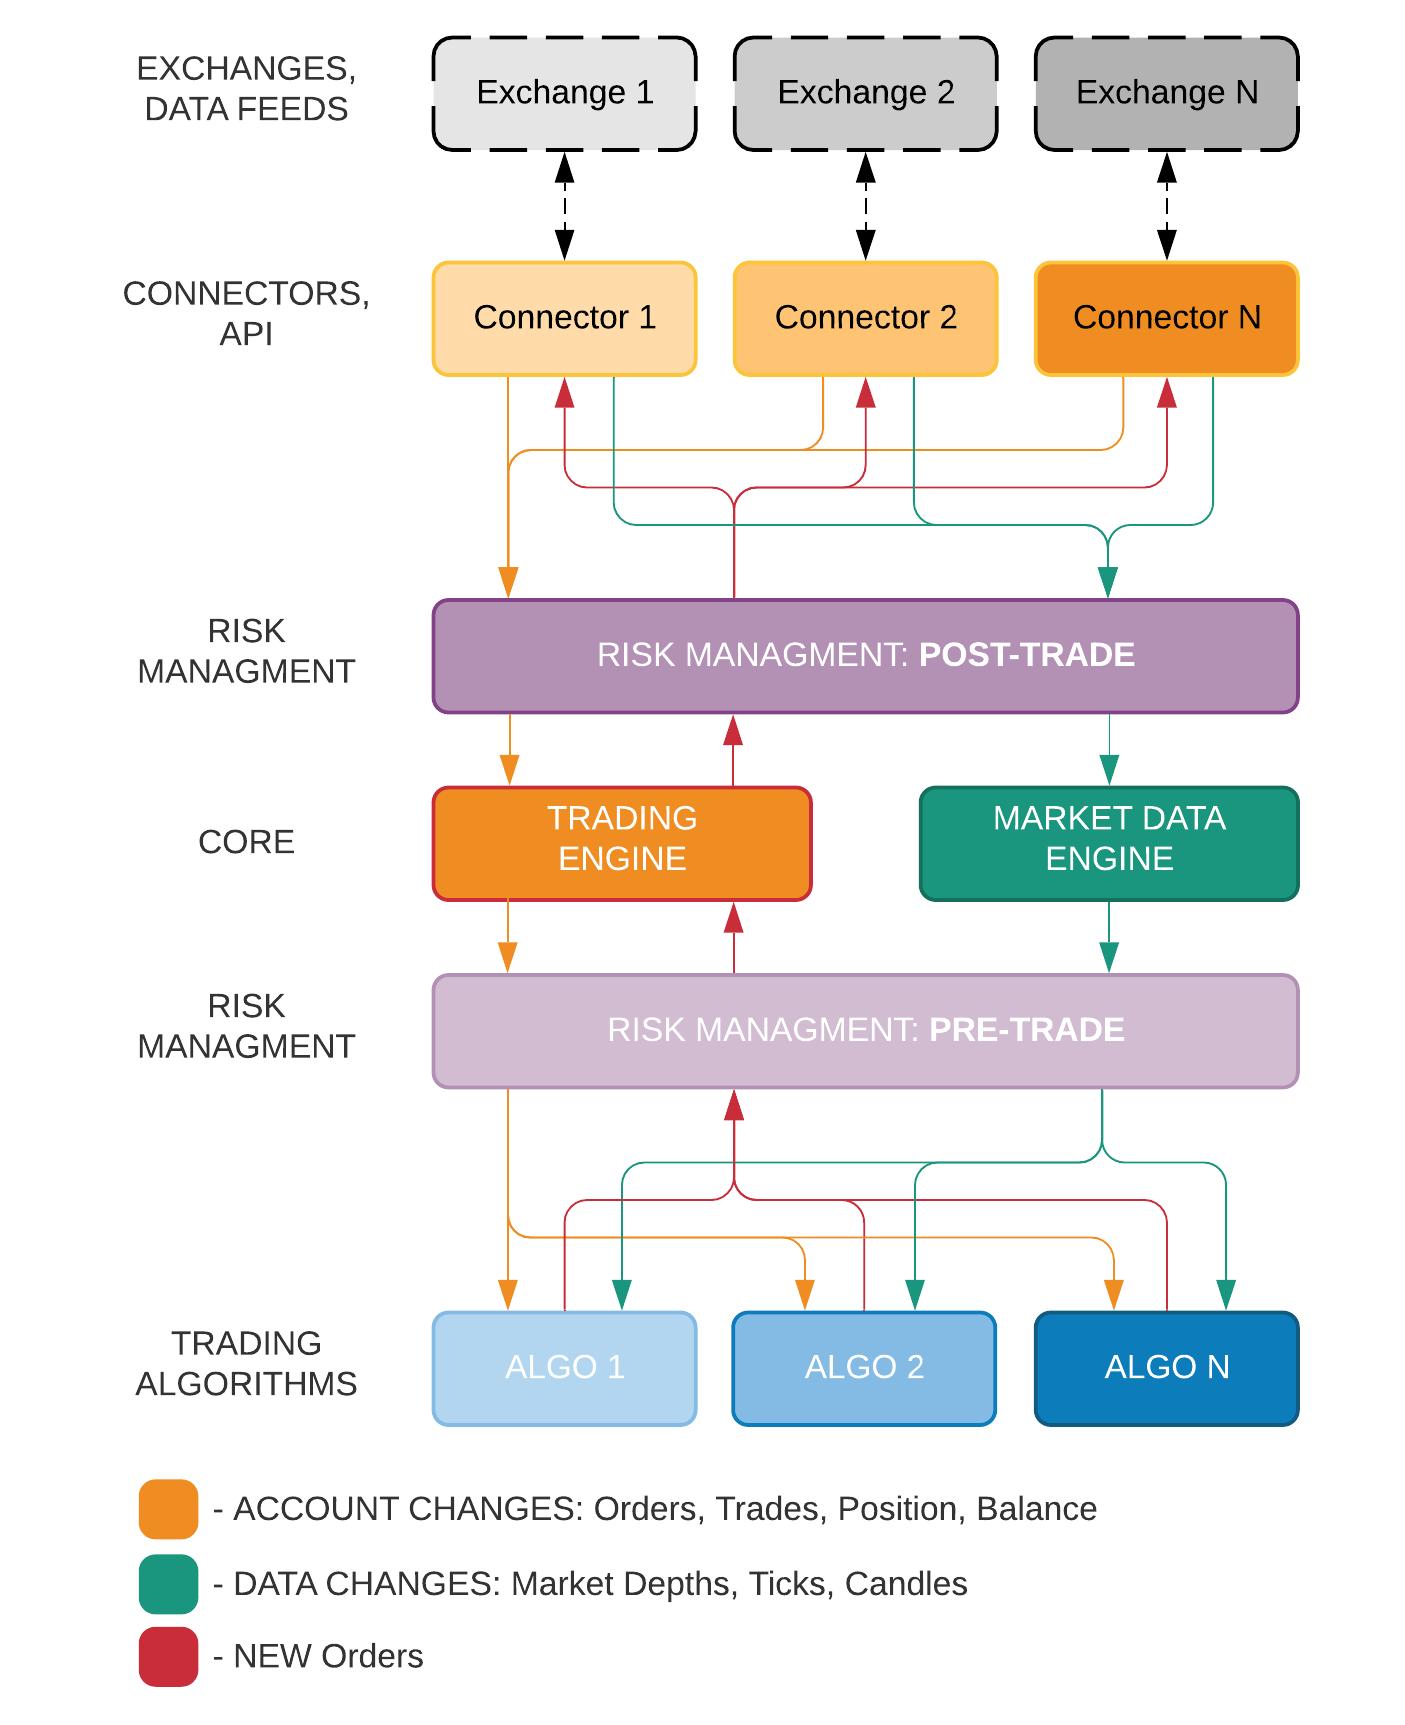 Как не потерять все деньги за пару минут или риск-менеджмент в алгоритмической торговле — IT-МИР. ПОМОЩЬ В IT-МИРЕ 2020